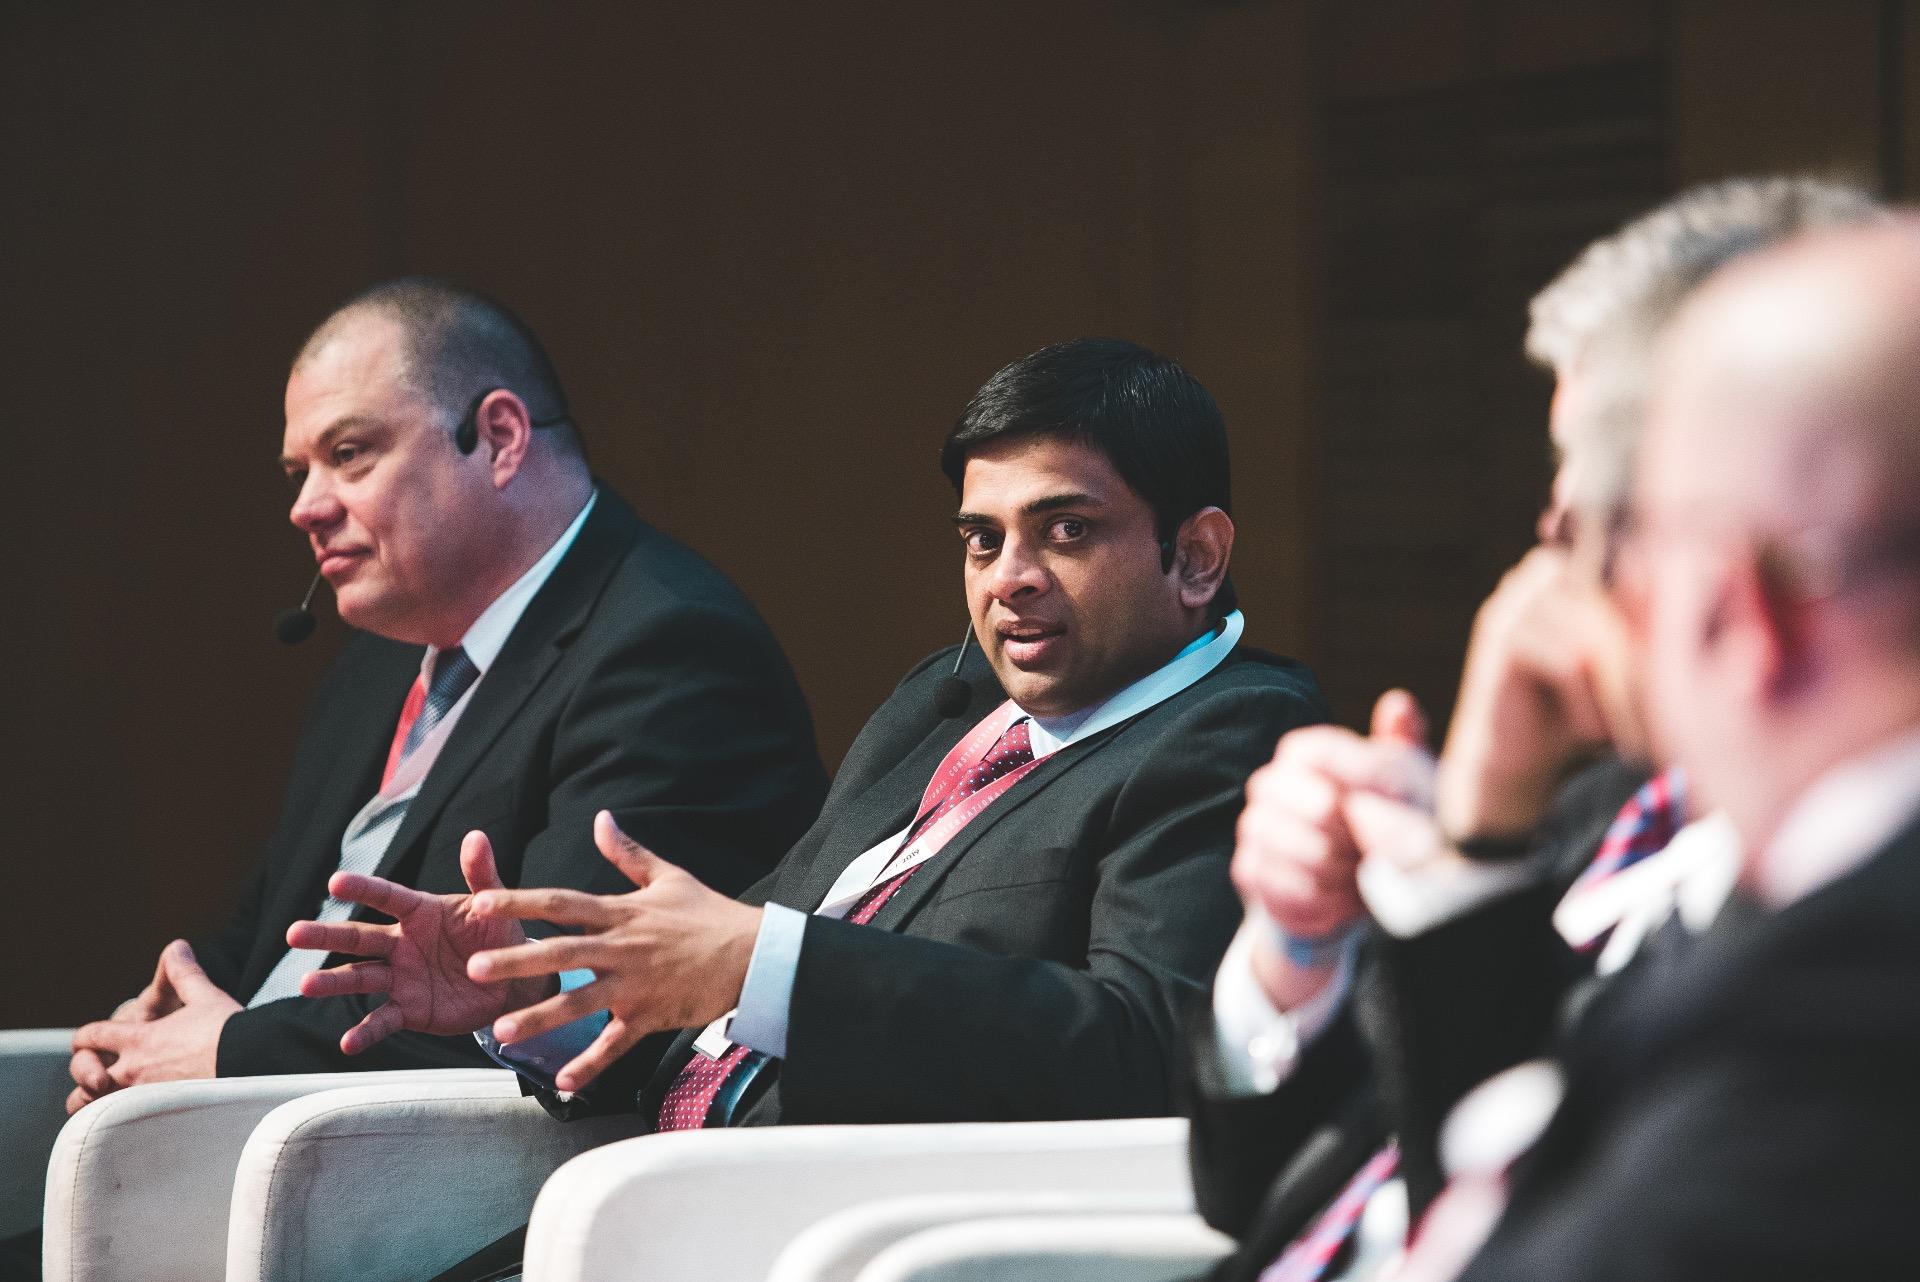 Mezinárodní konference ICCC